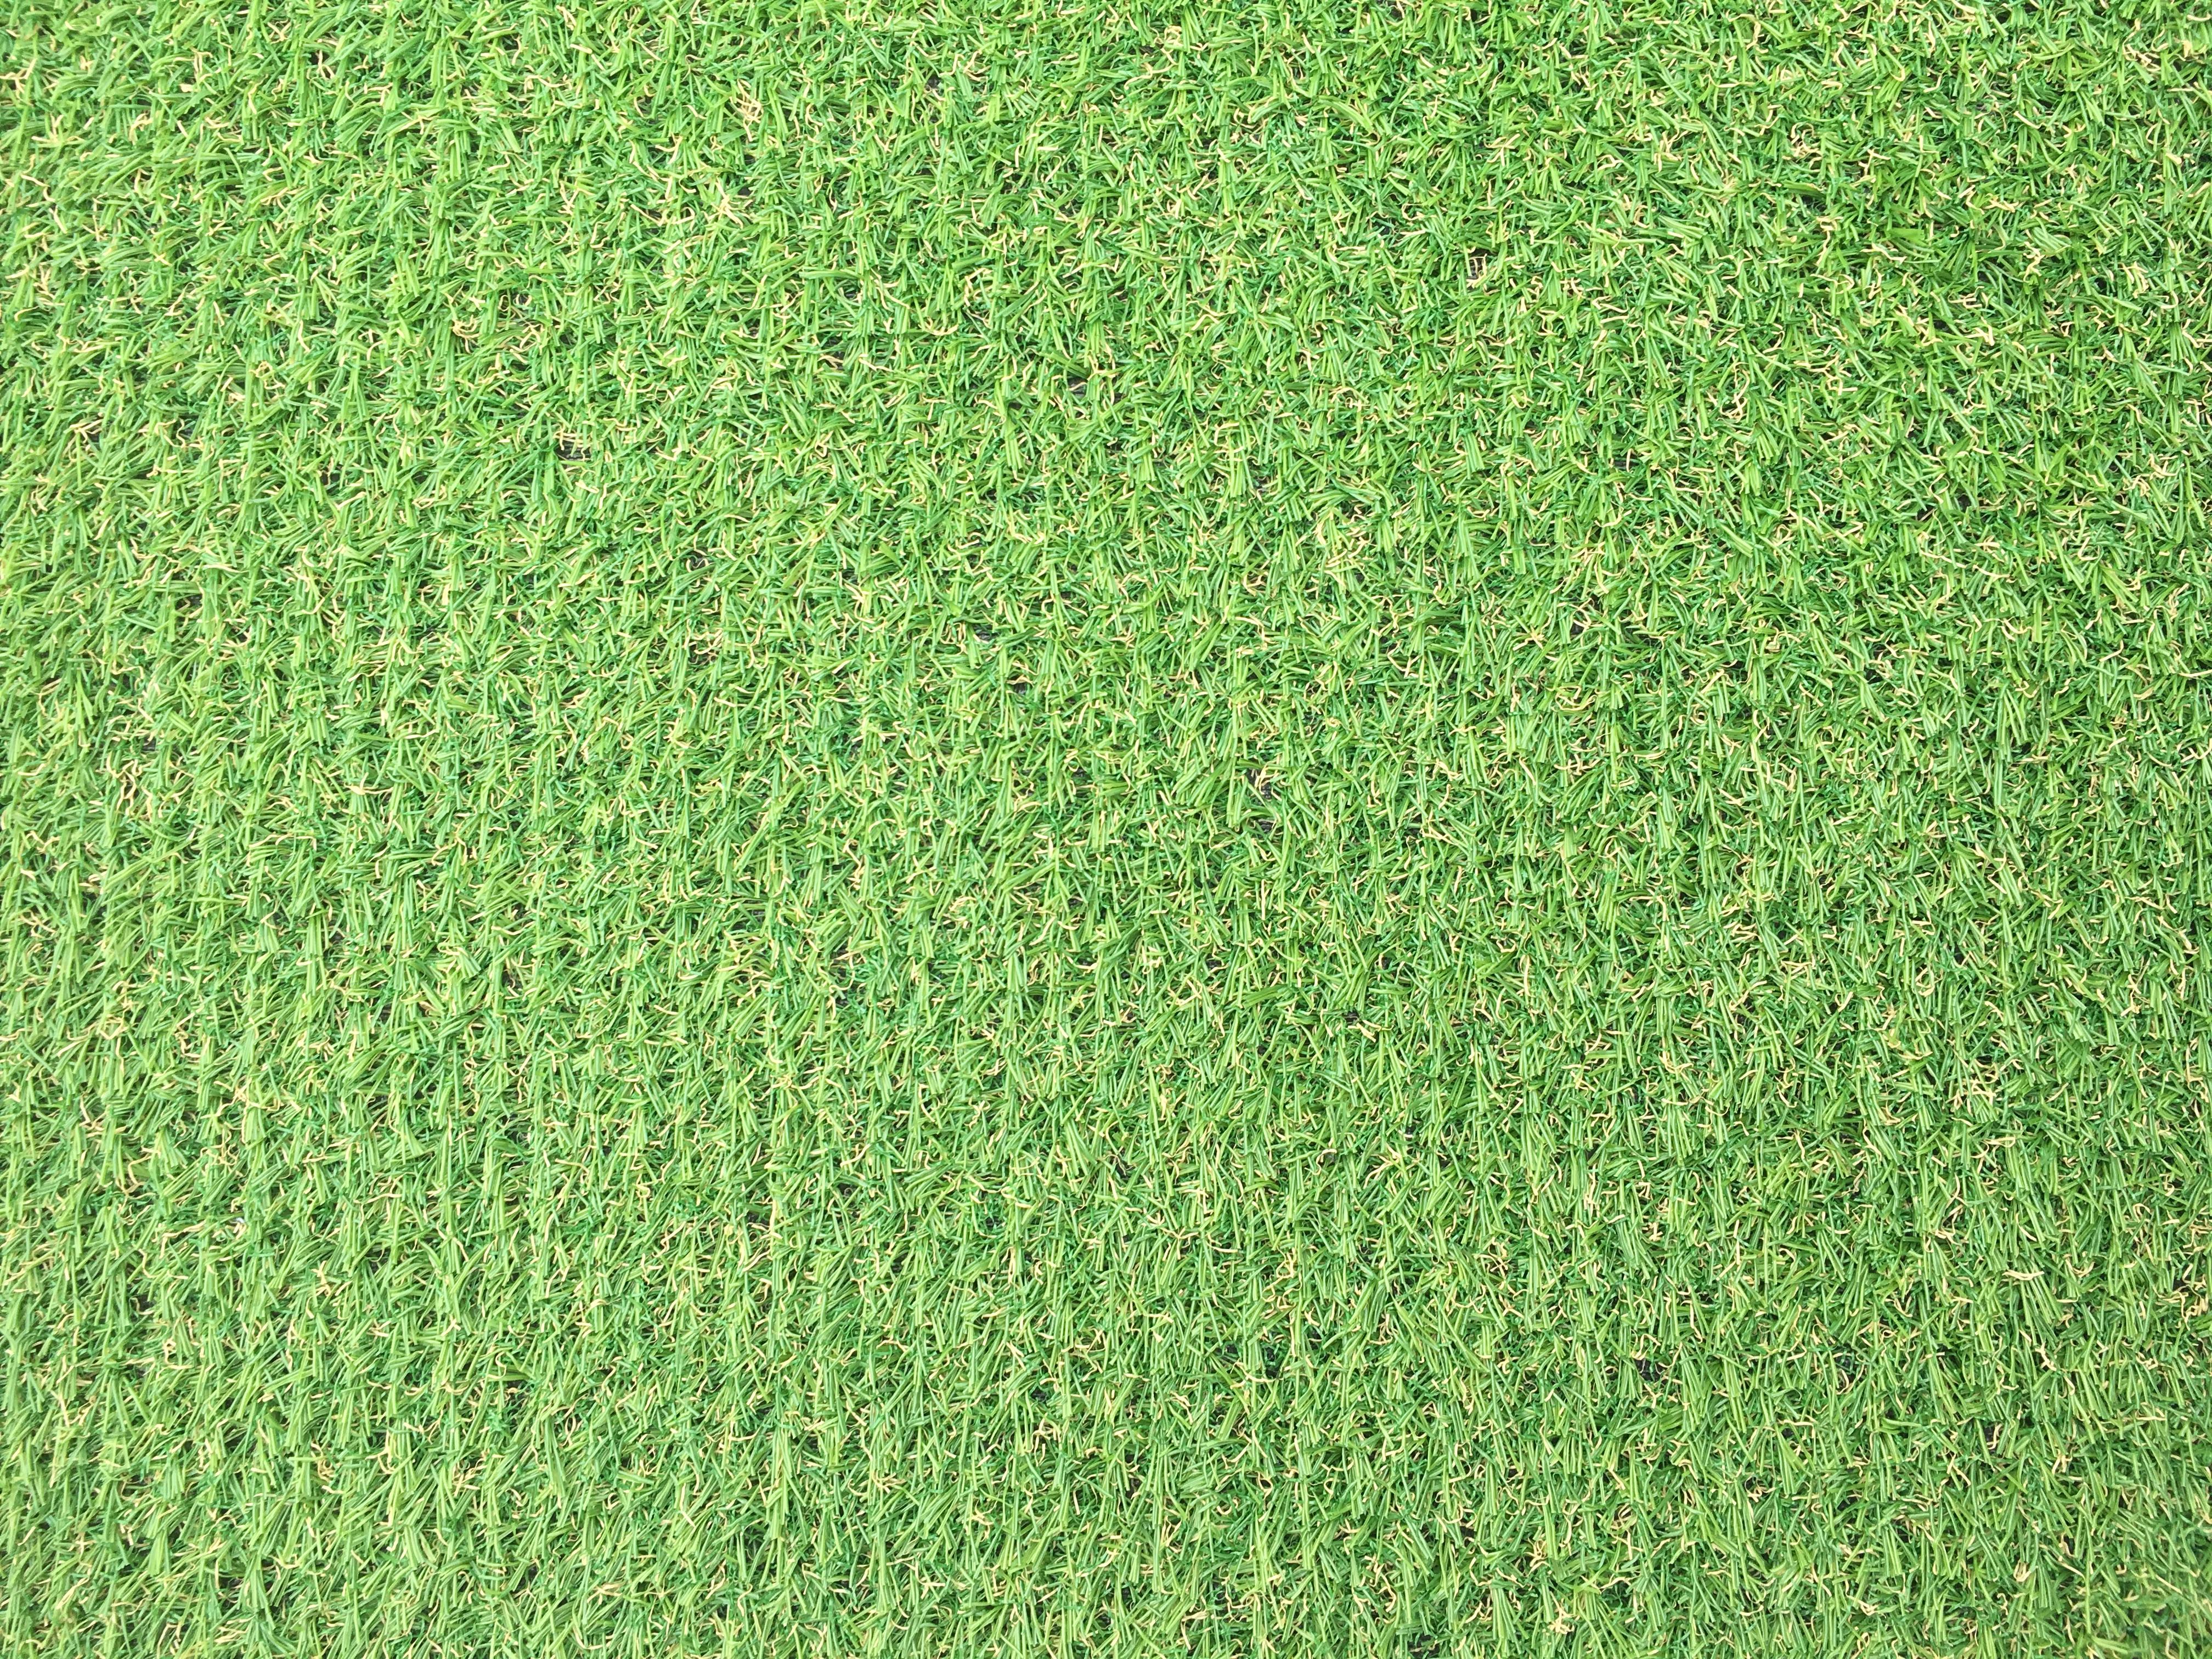 Covor Iarba Artificiala, Tip Gazon, Verde, Natura, 100% Polipropilena, 10 mm, 300x400 cm 3